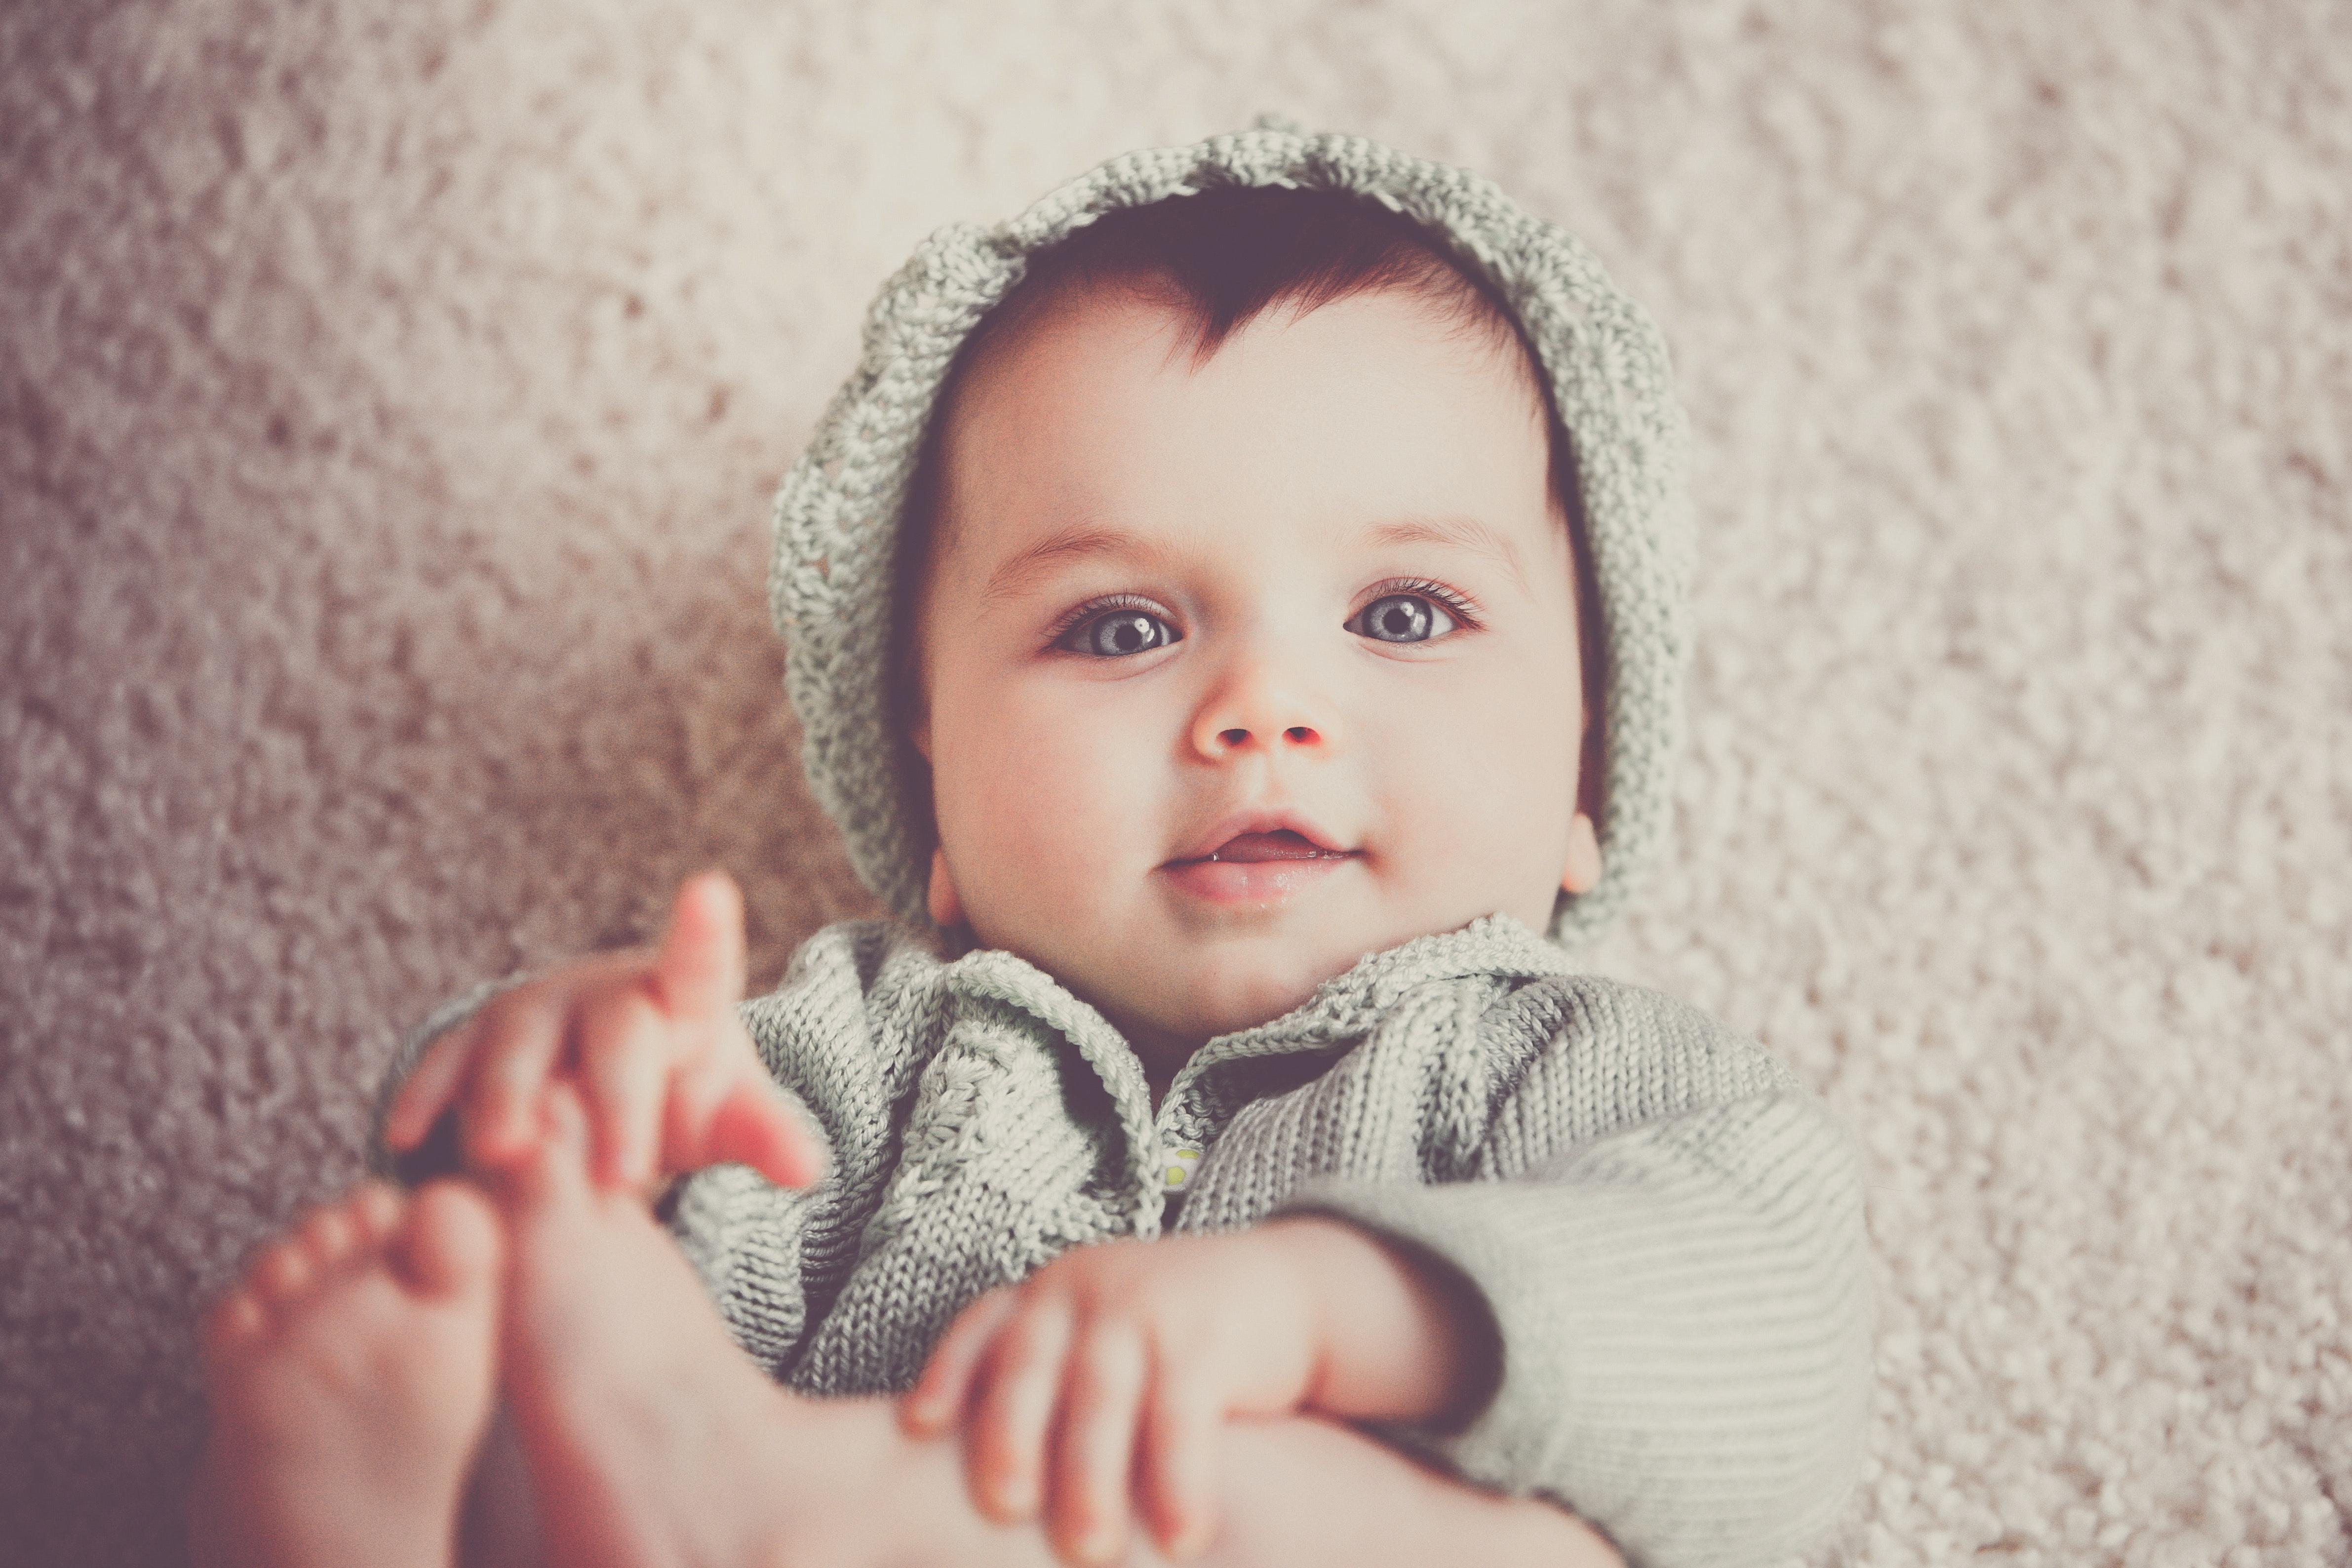 Baby staring at camera